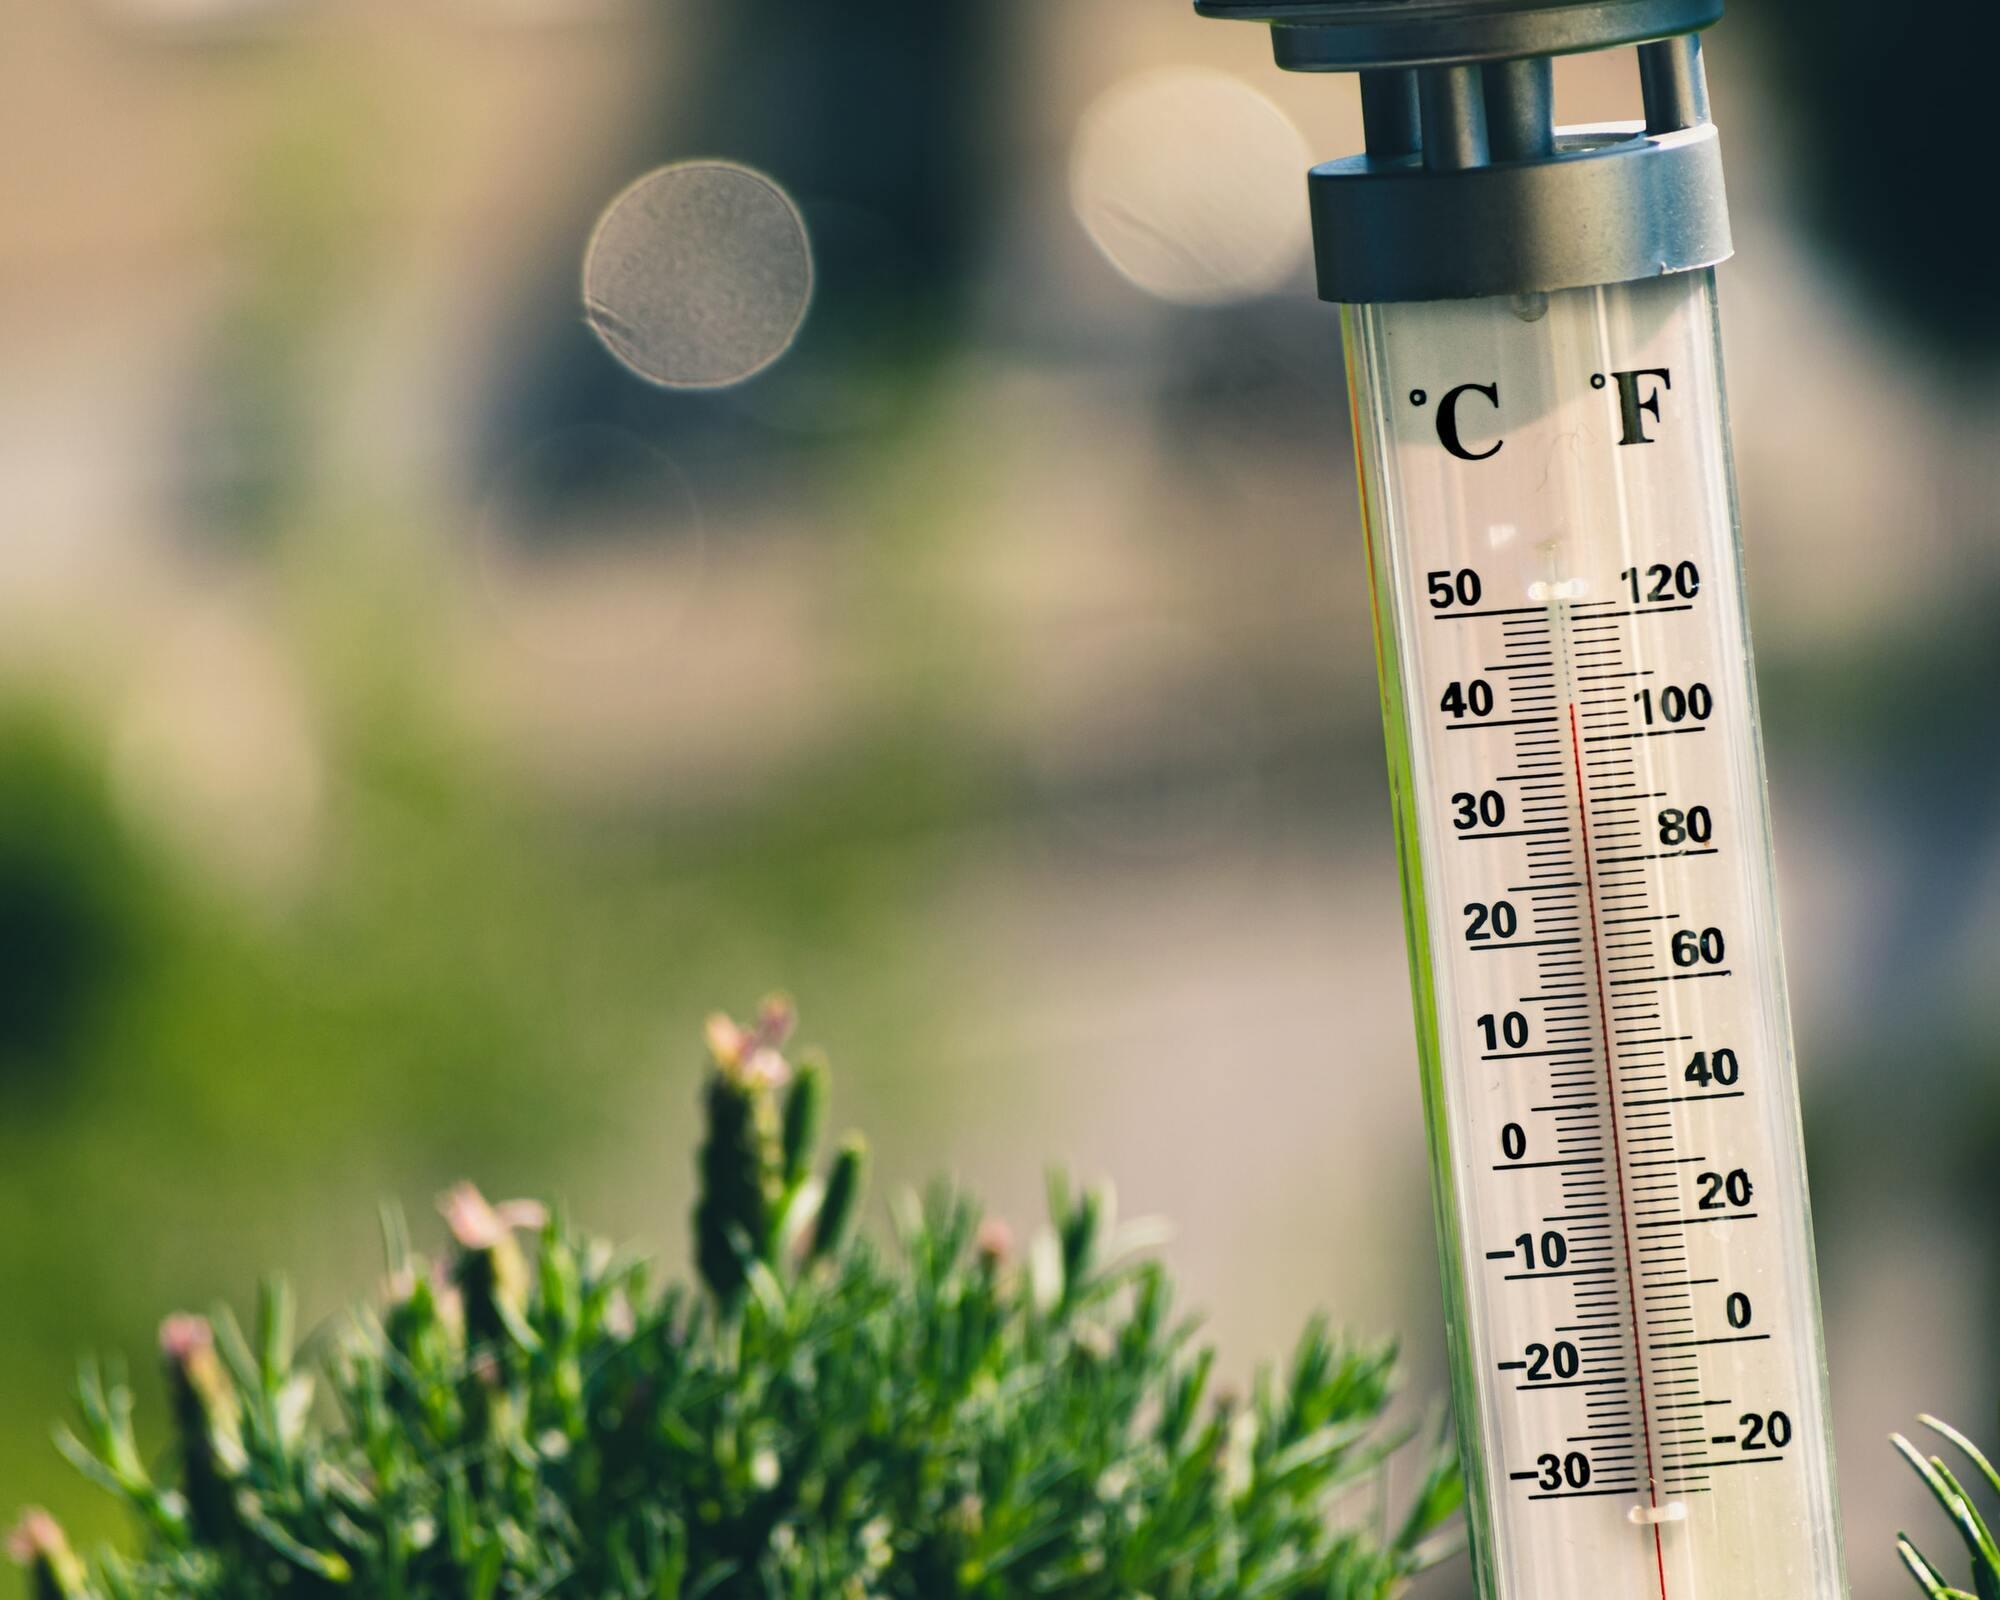 Аномально высокие температуры могут вызывать тепловой удар и тепловое истощение